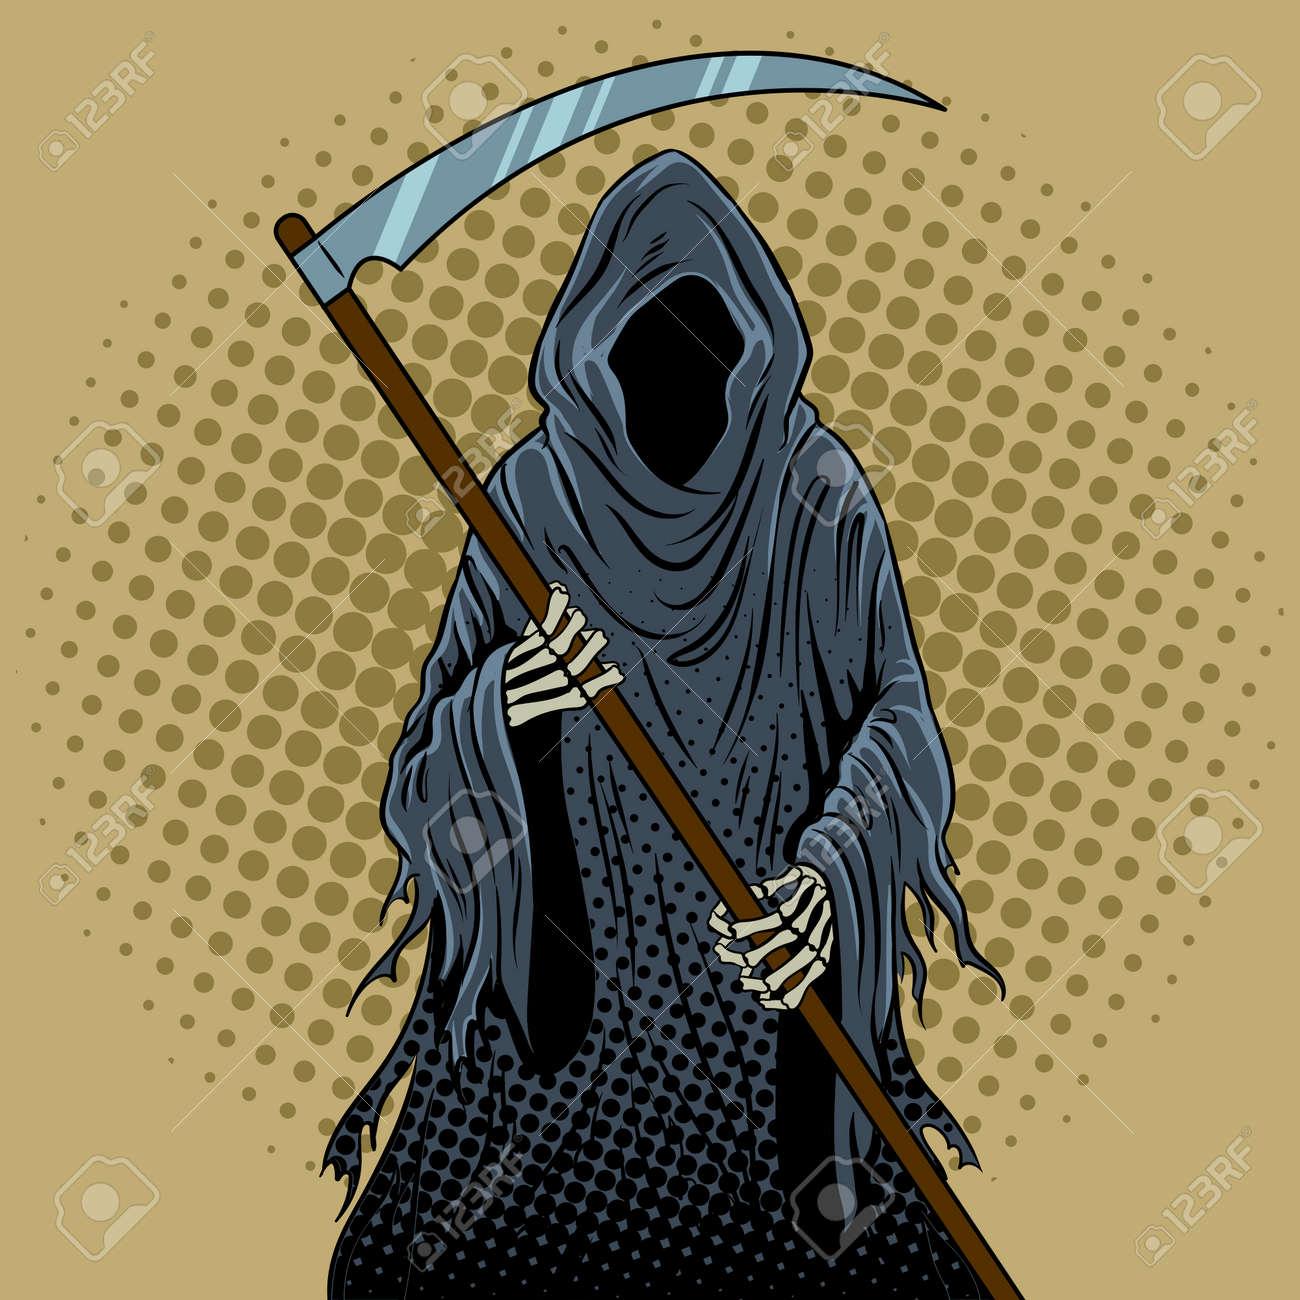 hight resolution of grim reaper pop art retro illustration stock vector 89197414